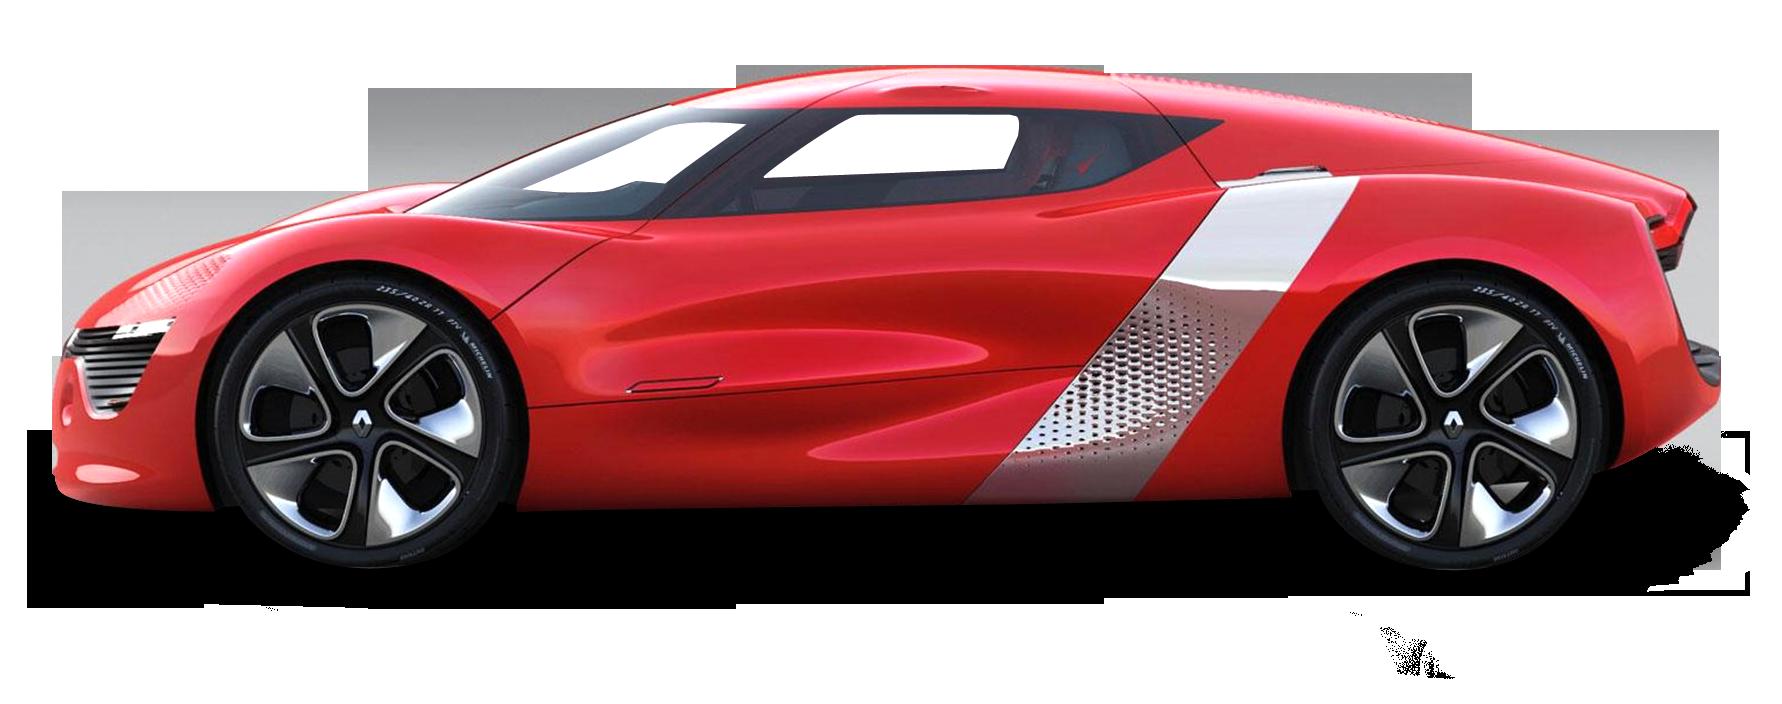 Renault DeZir Car PNG Image